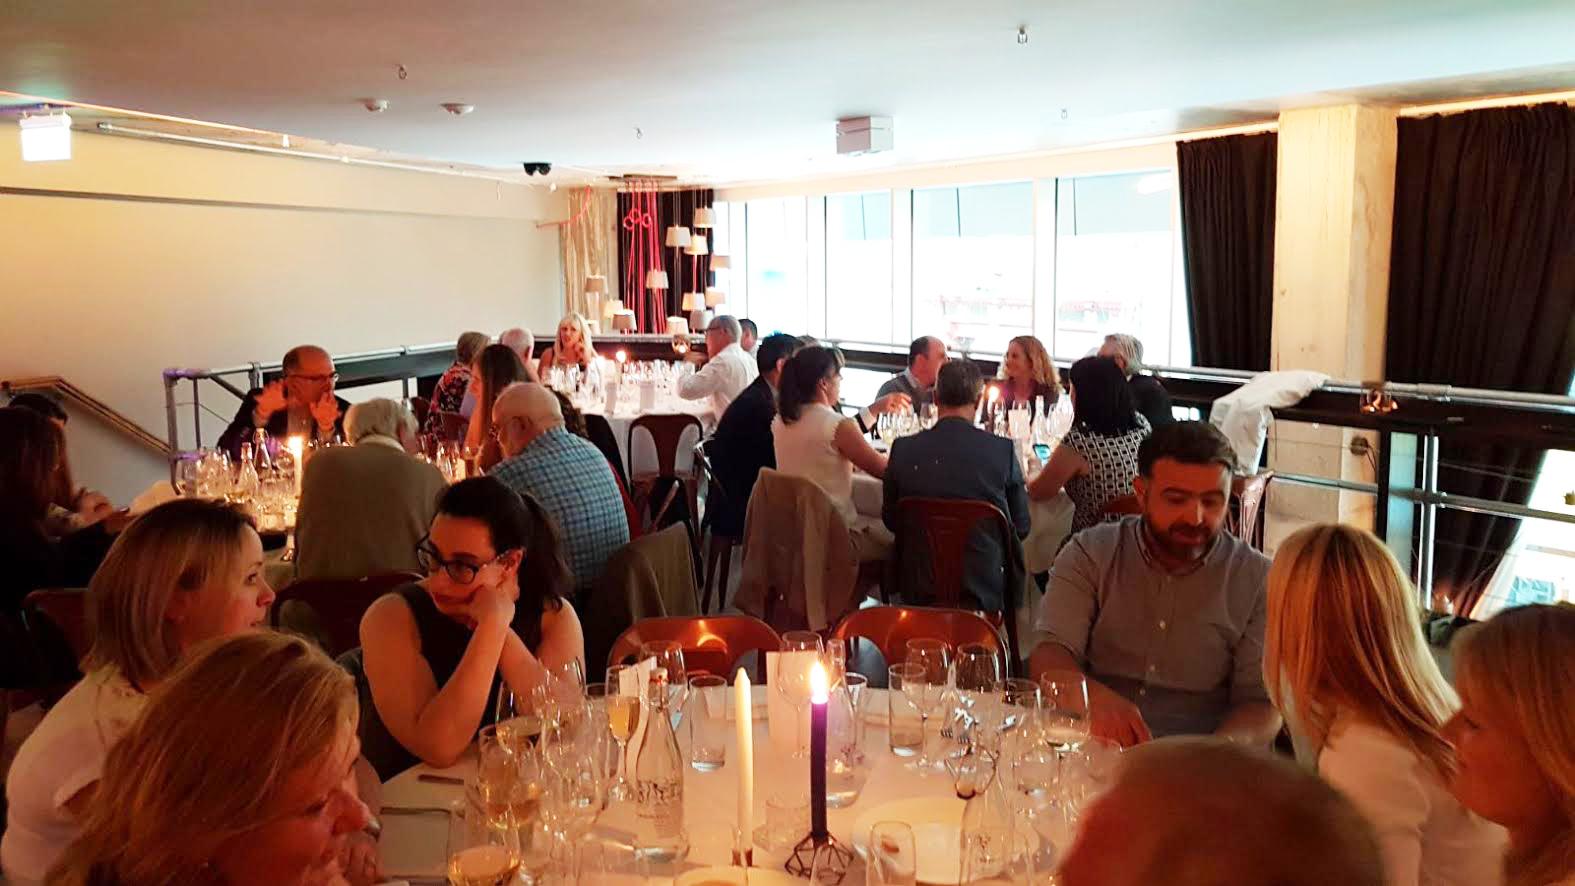 Roma y dubl n pr ximas paradas de la gastronom a lanzarote a for Oficina turismo roma